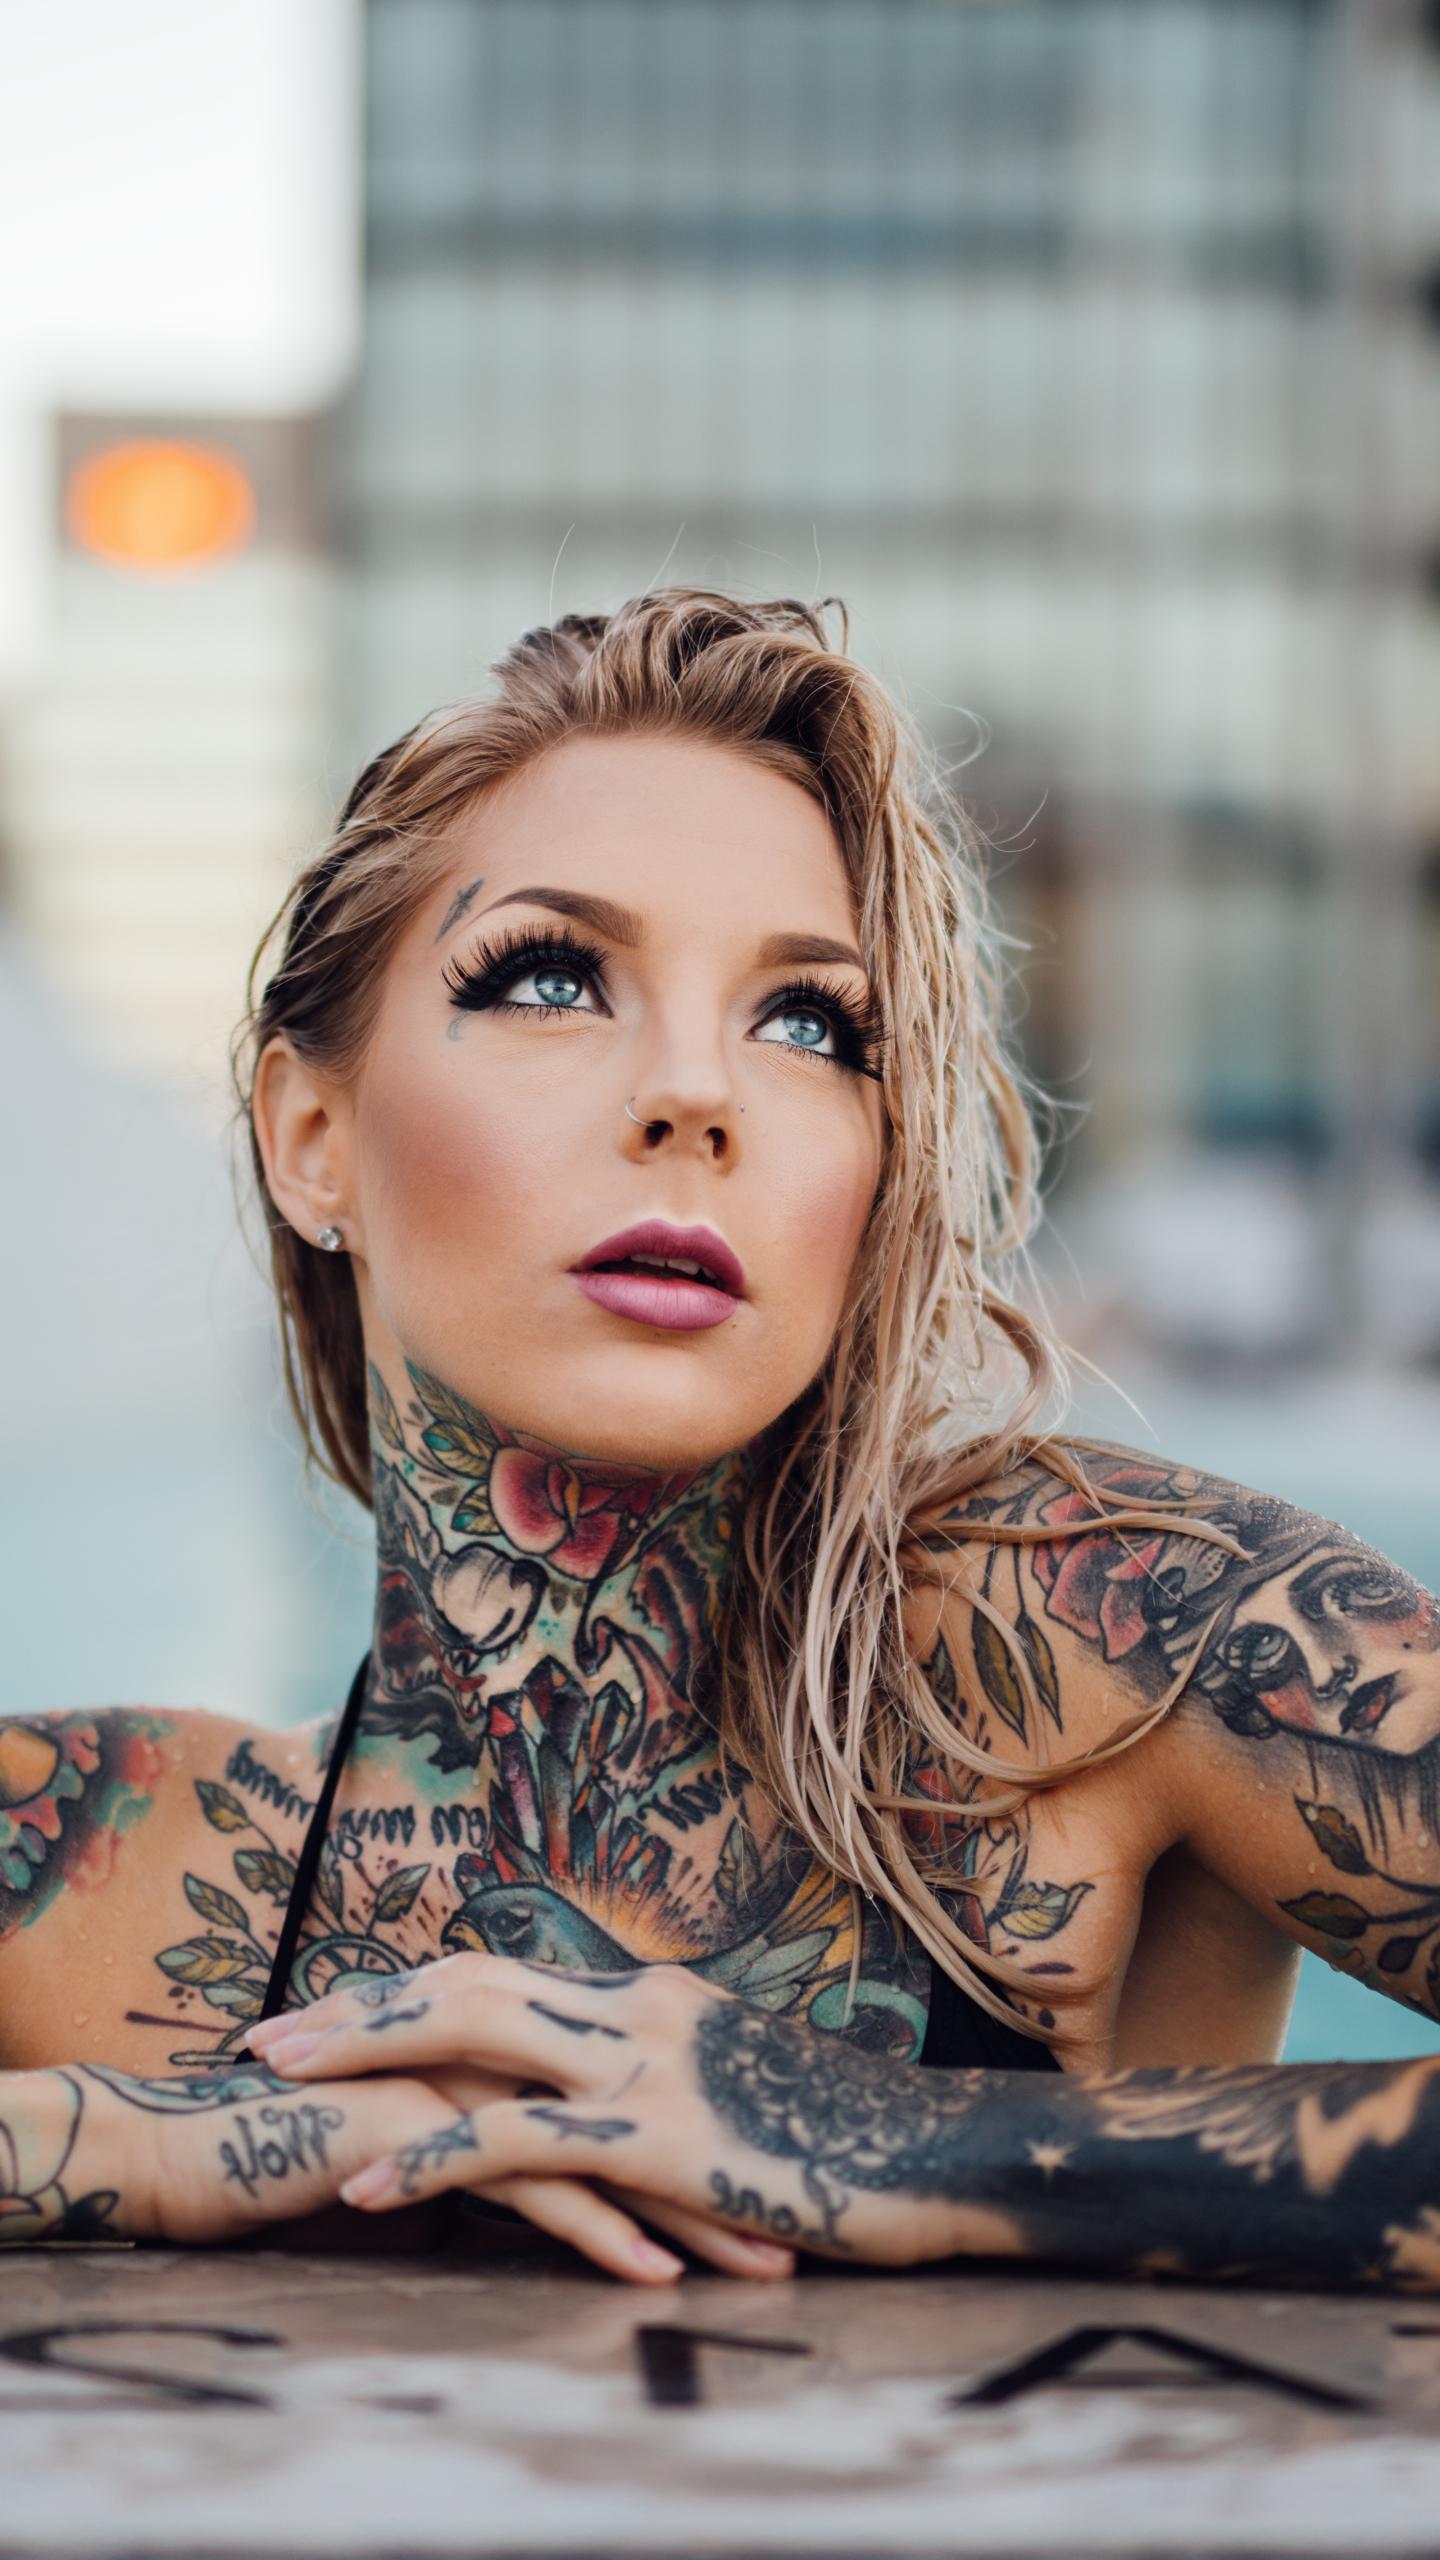 Tattoo Woman Wallpaper - inn.spb.ru - ghibli wallpapers